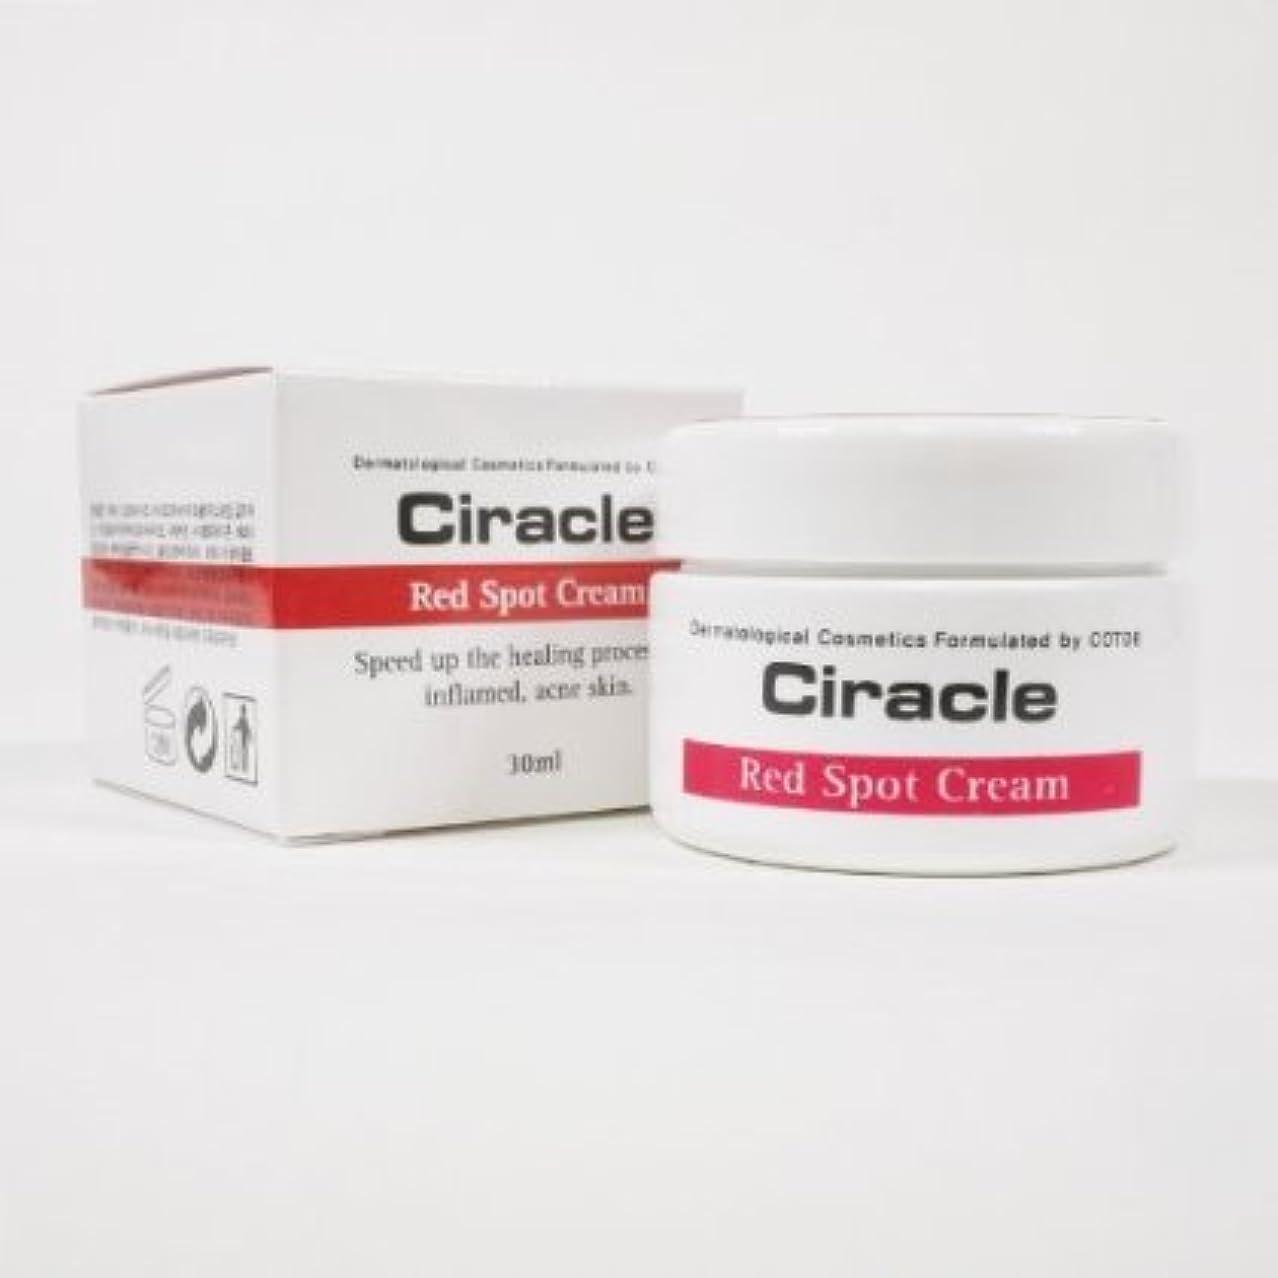 シュリンク放射性メルボルンCiracle レッド スポット クリーム /Red Spot Cream (30ml )